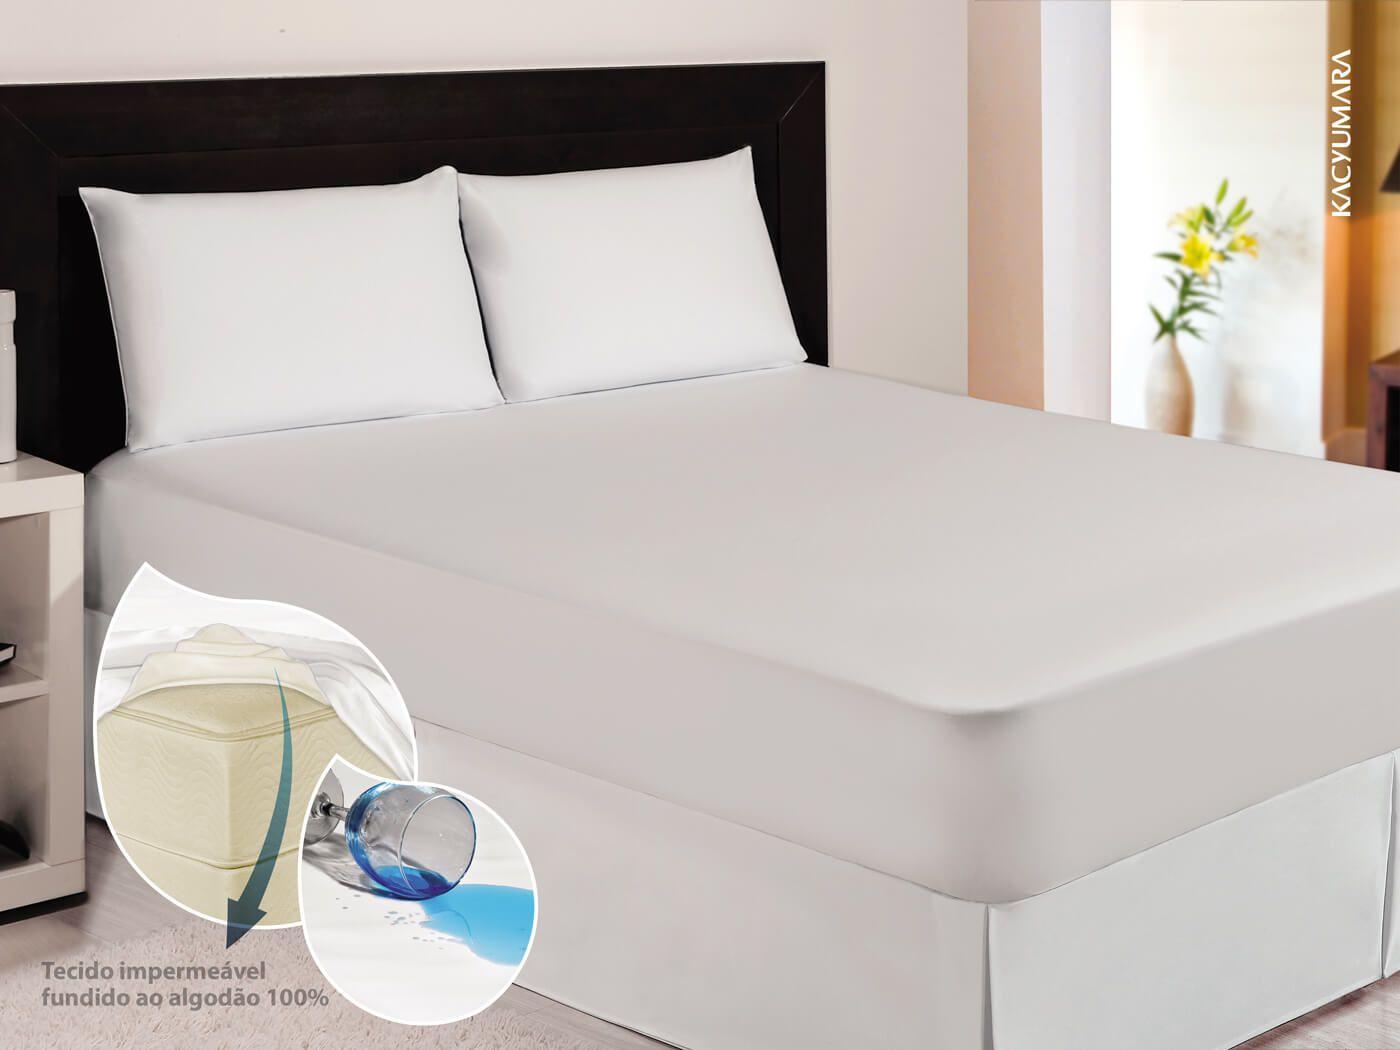 Protetor de Colchão Algodão Impermeável King Size 1,93X2,03 KACYUMARA  - Kenko Premium Colchões